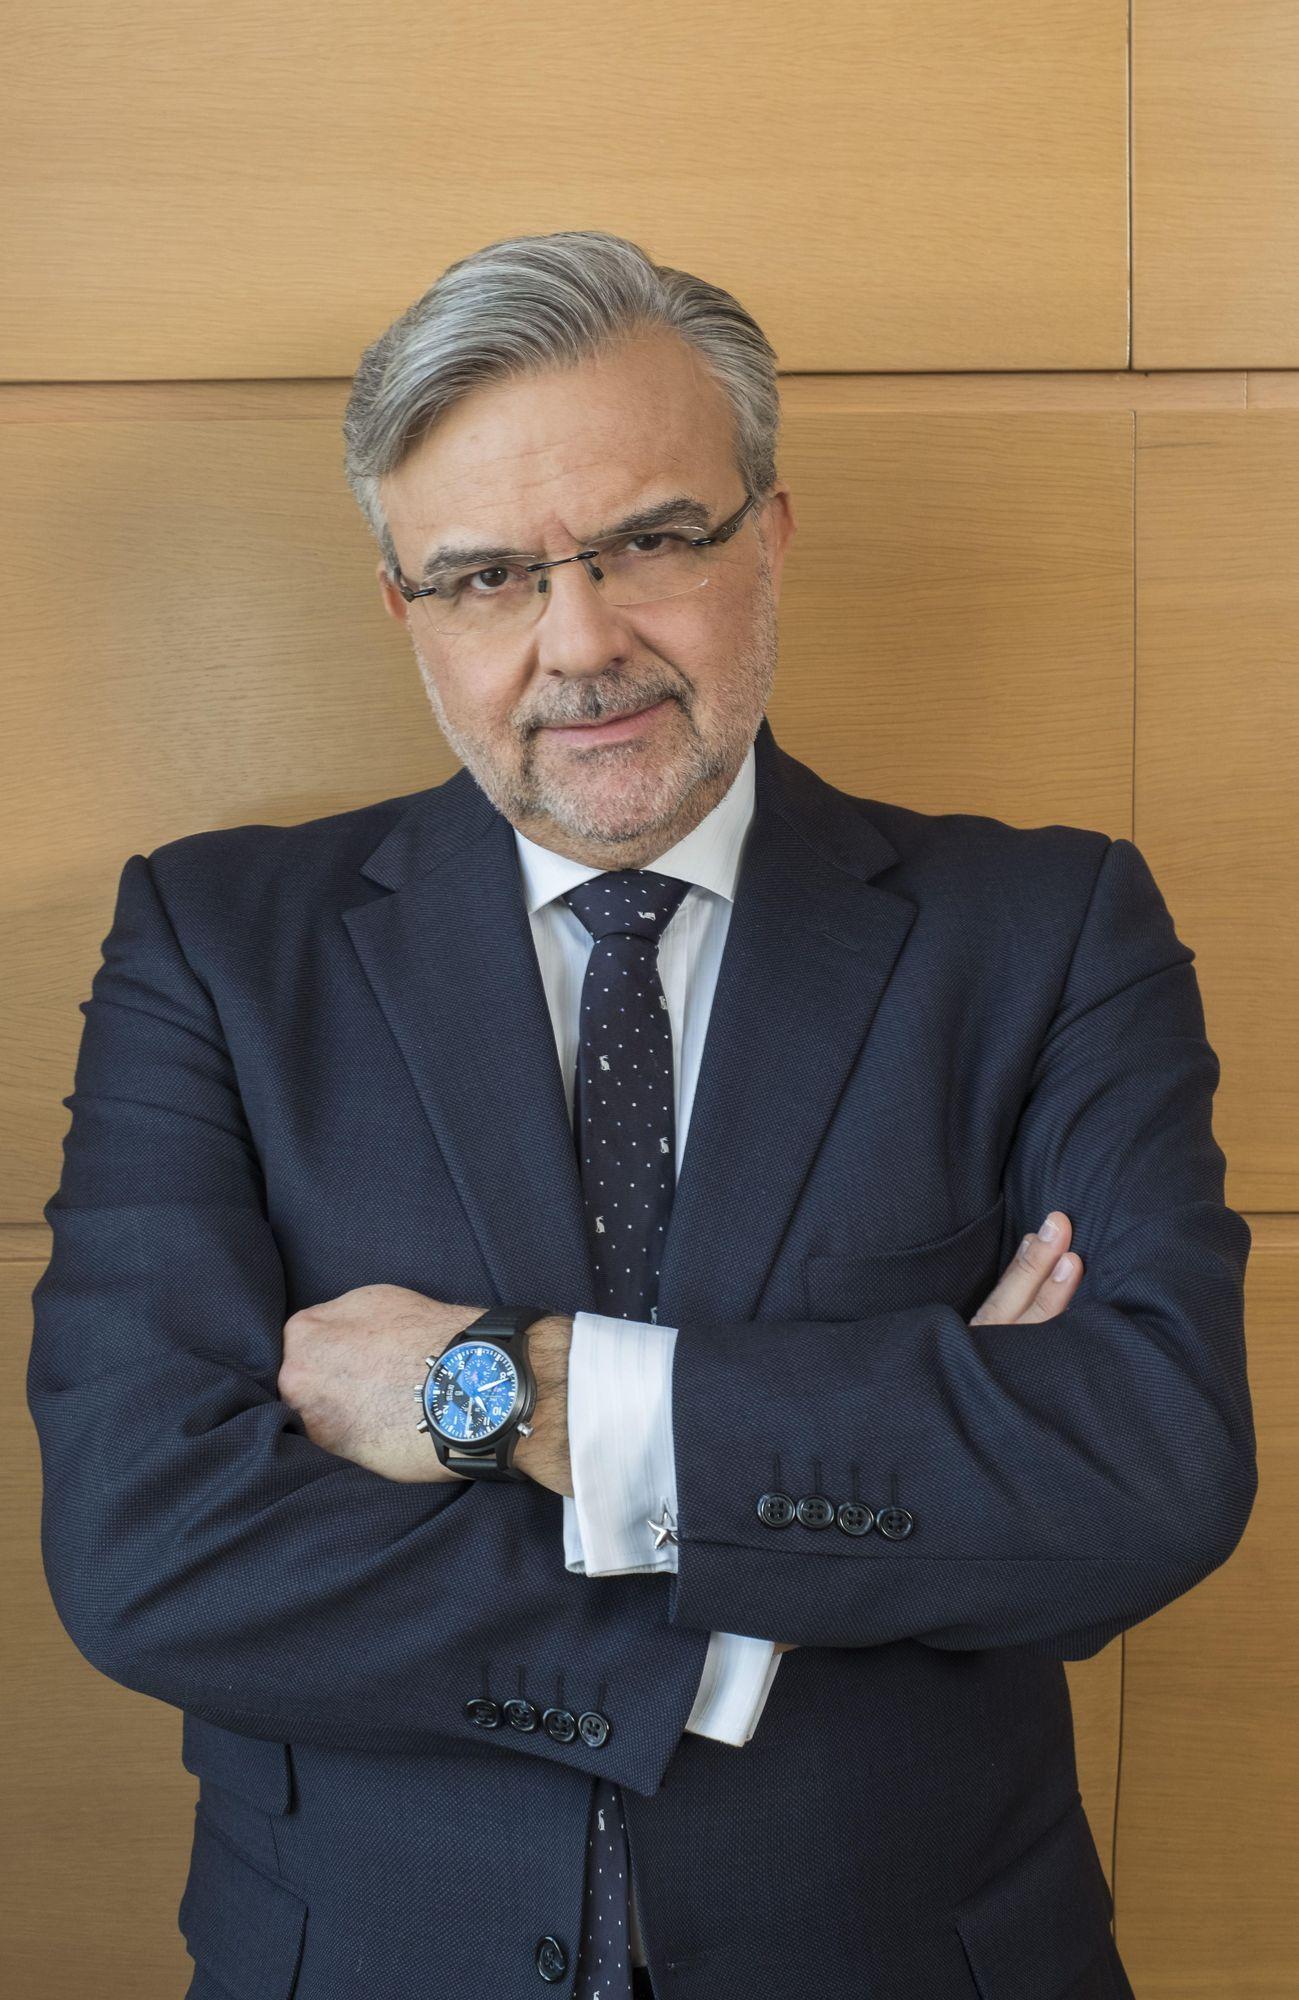 Χρήστος Μεγάλου. CEO Τράπεζα Πειραιώς